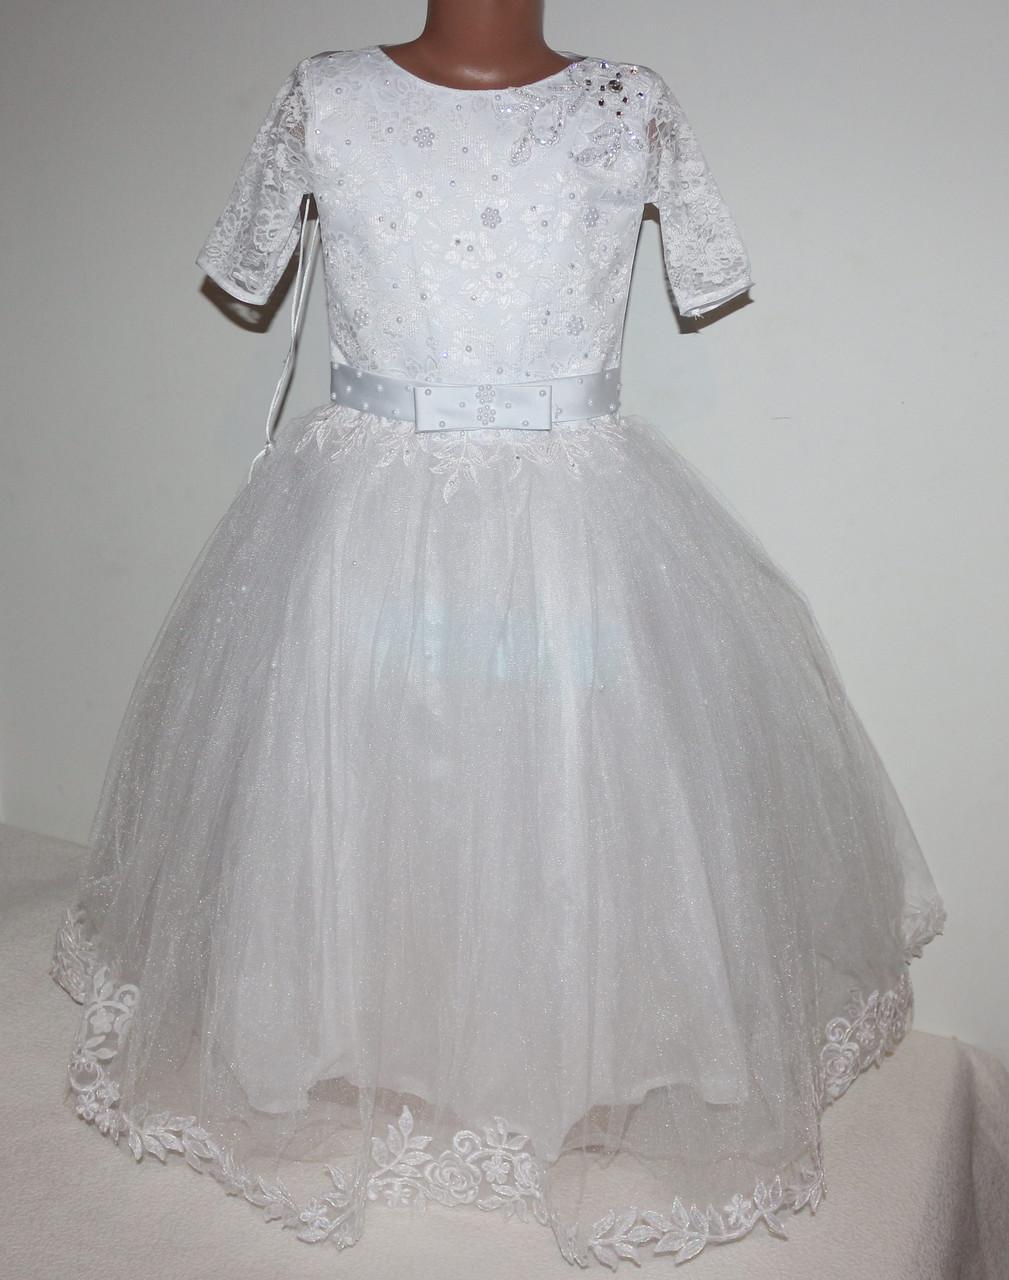 Платье нарядное (корсет) 6-10 лет